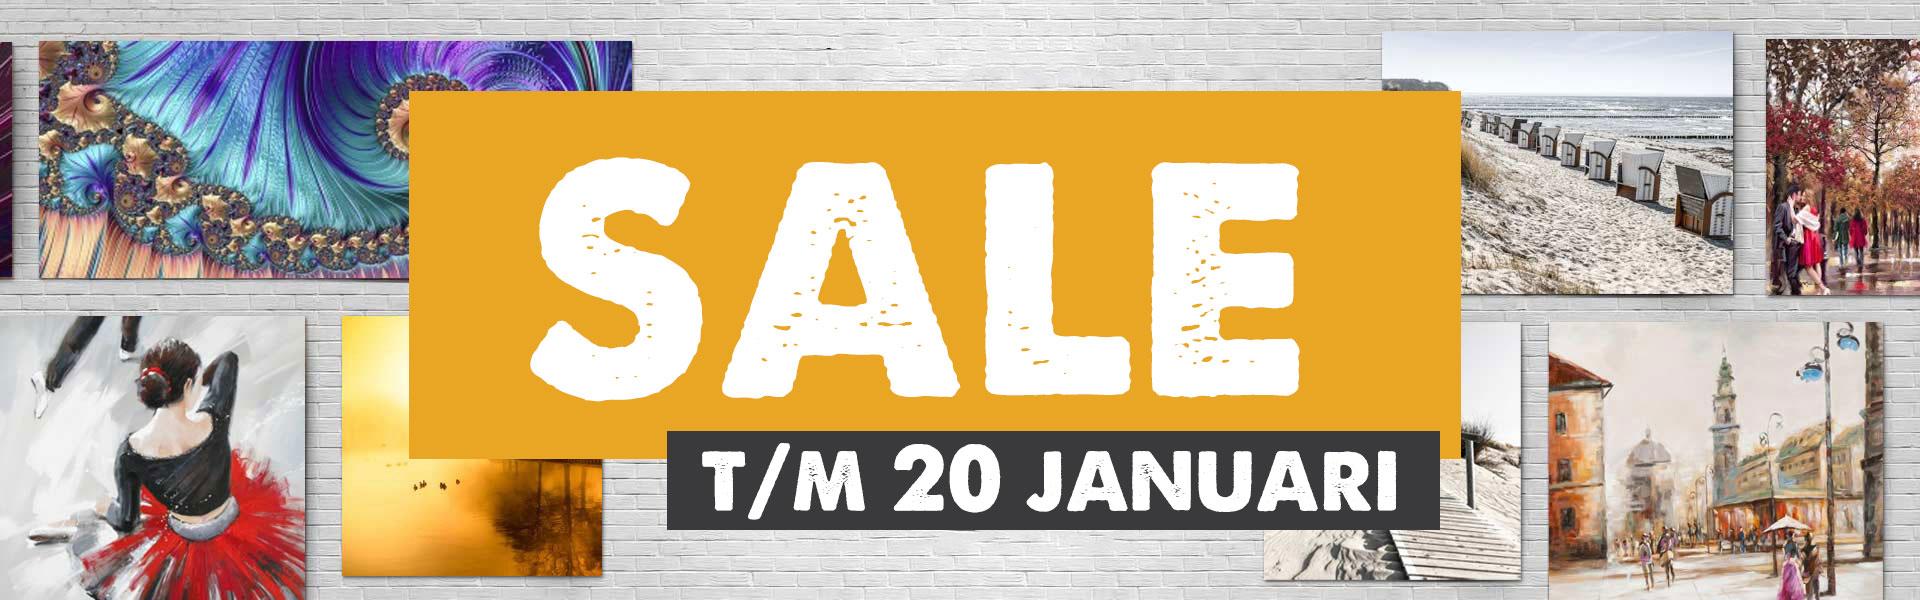 Schilderijen Sale 20 januari